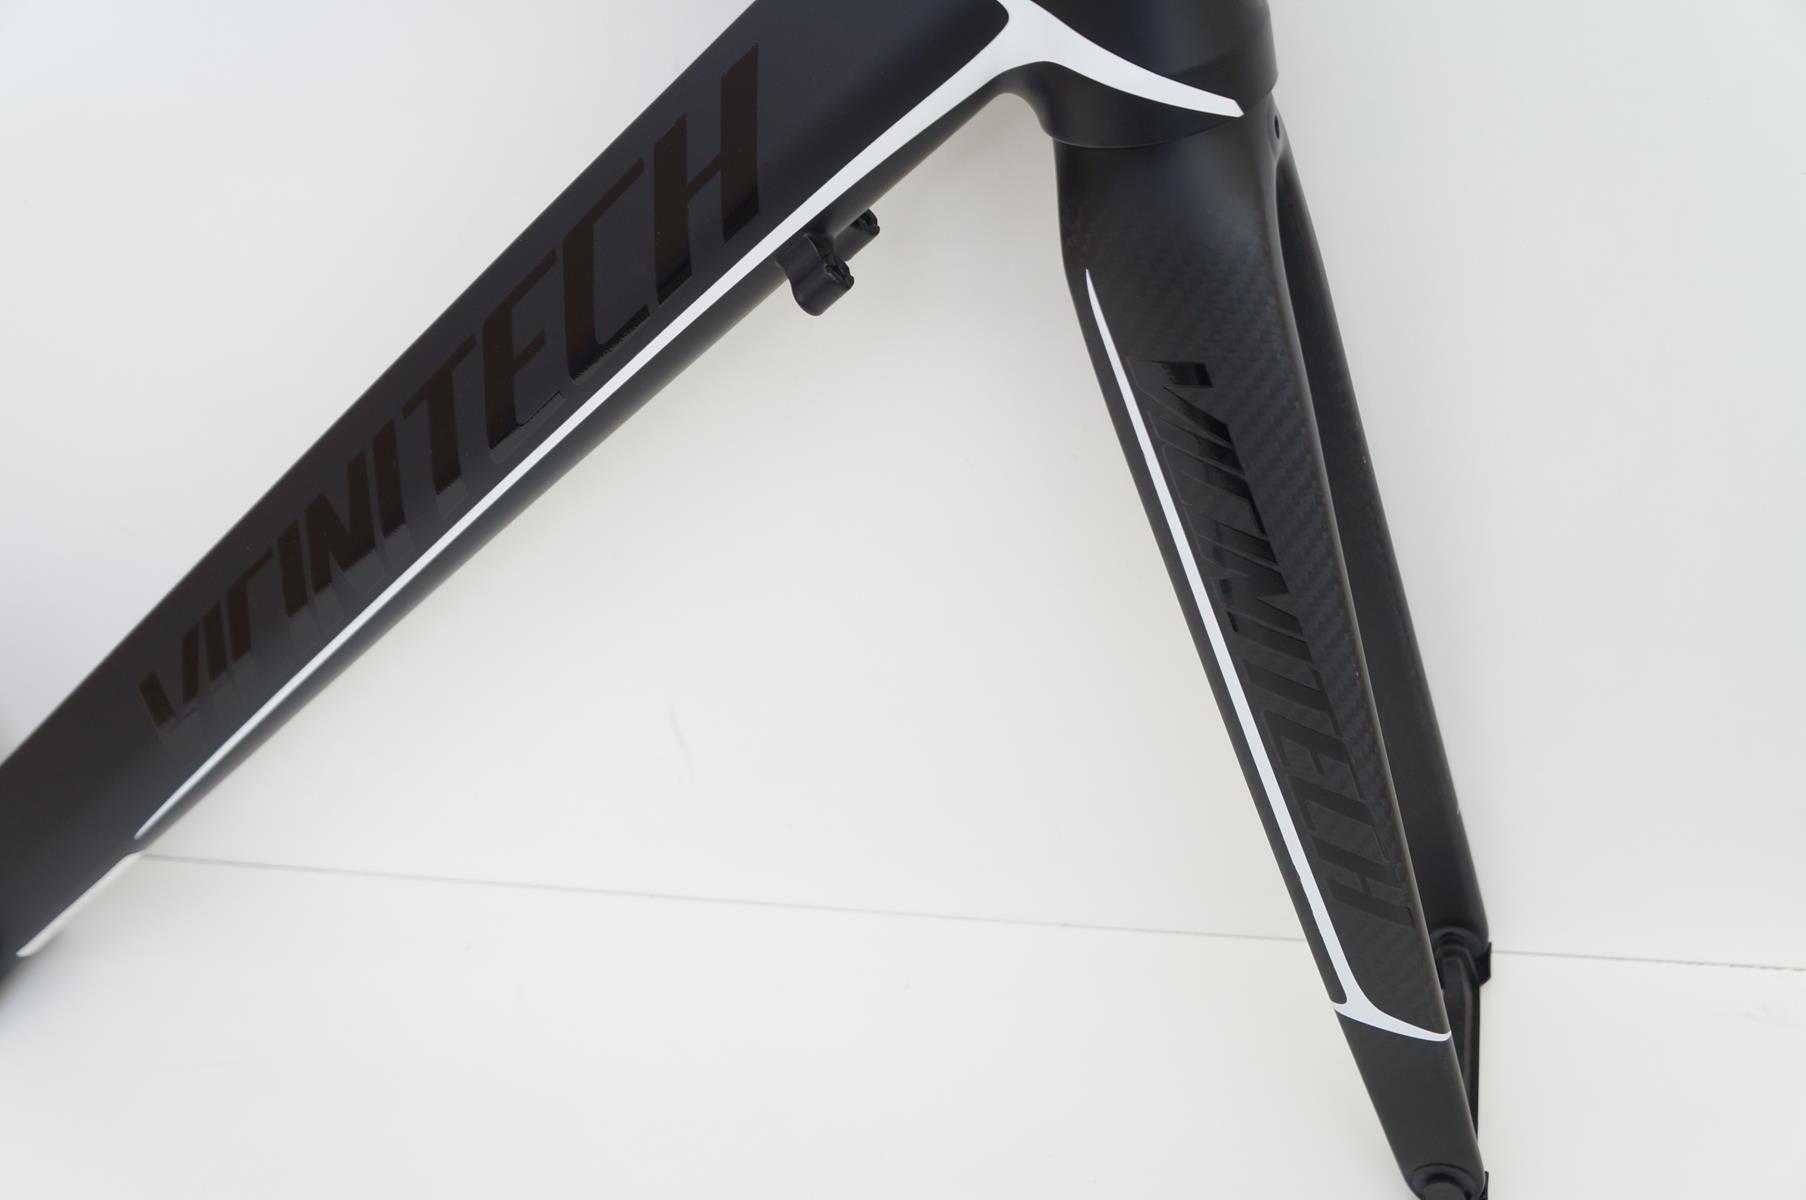 Quadro Bicicleta Speed Vicinitech Roubaix em Aluminio Garfo Carbono Aro 700